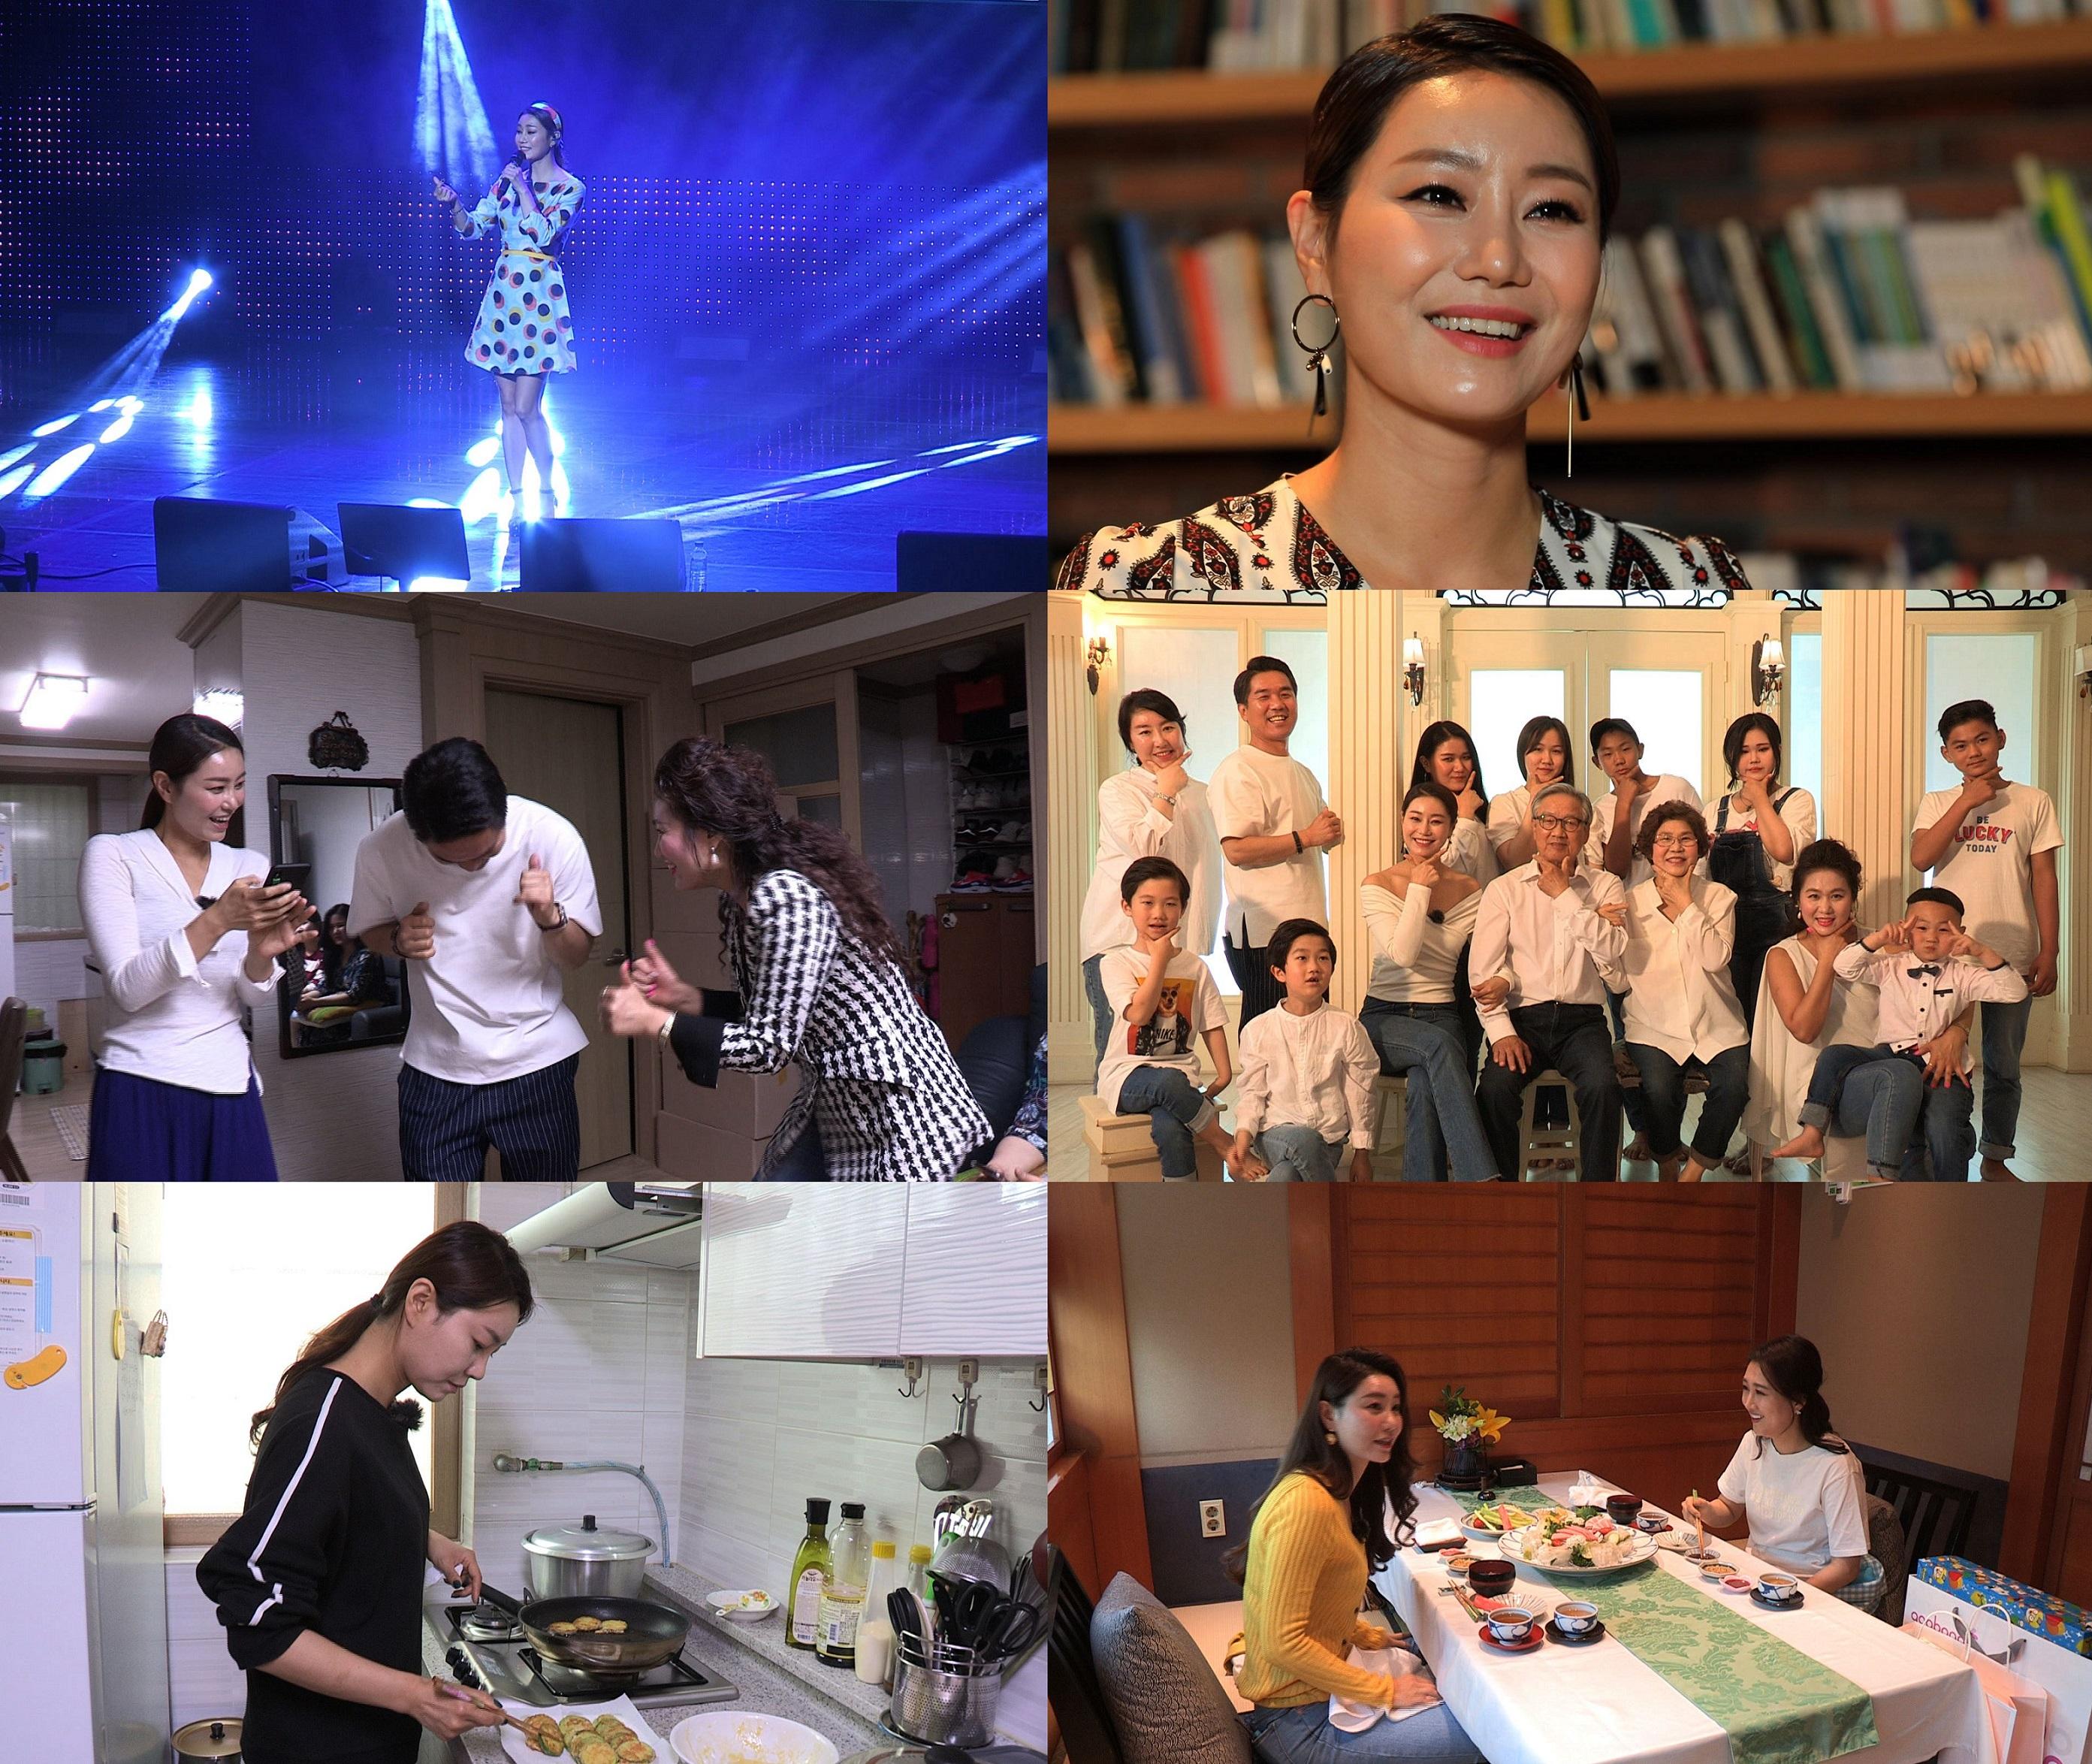 '사람이 좋다' 라이징 트로트 스타 김양, 그녀의 힘찬 도약